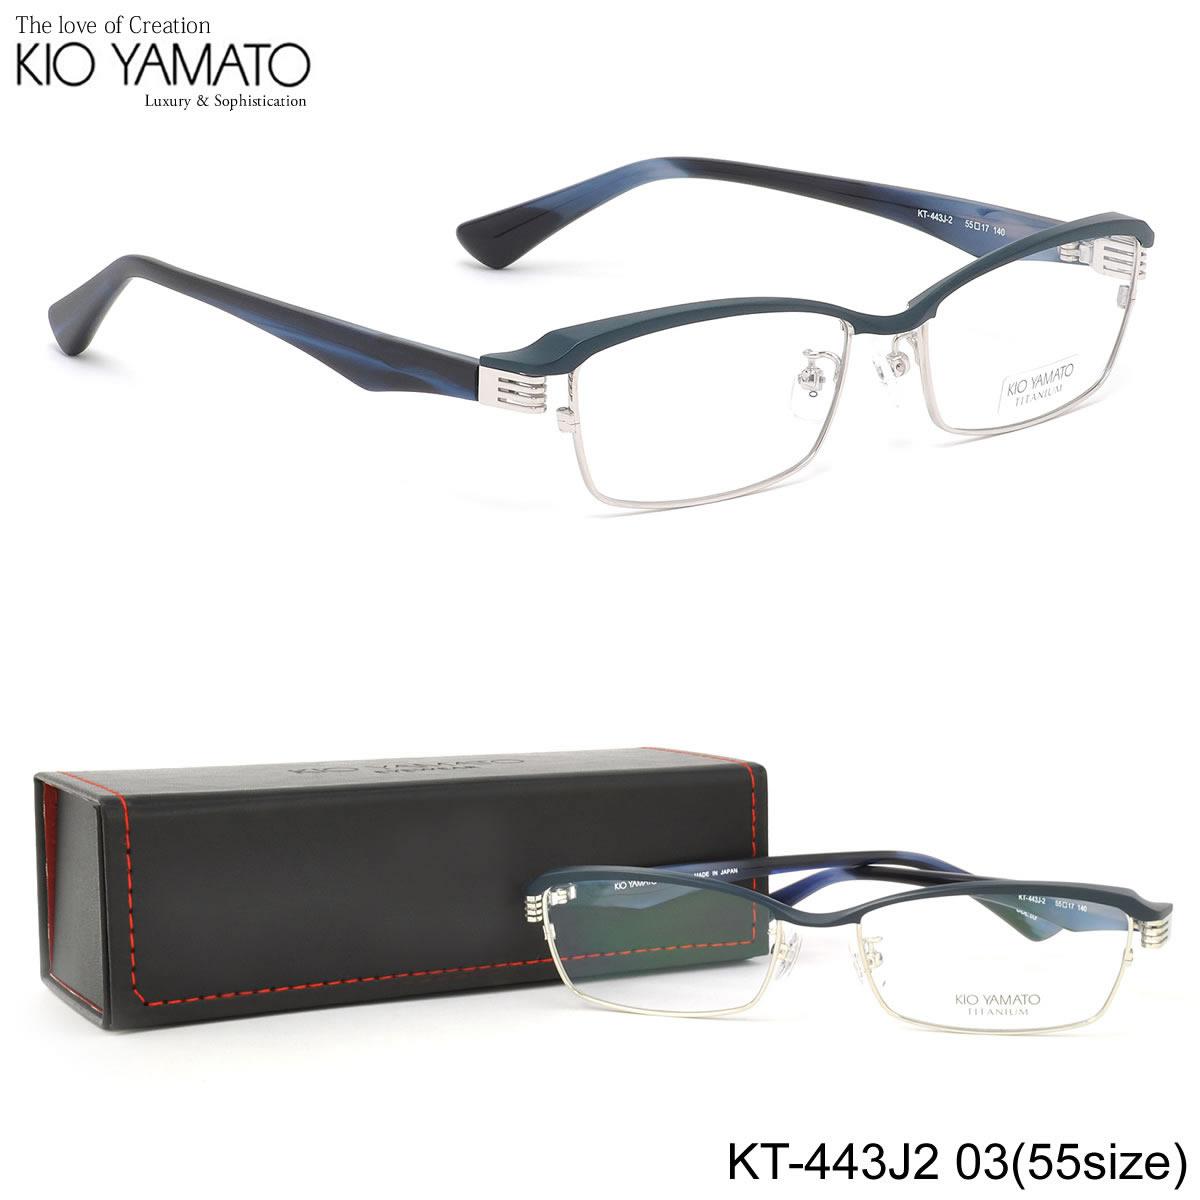 ほぼ全品ポイント15倍~最大43倍+3倍!お得なクーポンも! 【キオヤマト】 (KIO YAMATO) メガネKT443J2 03 55サイズエアログライダー チタン 日本製 眼鏡 スクエアKIOYAMATO メンズ レディース